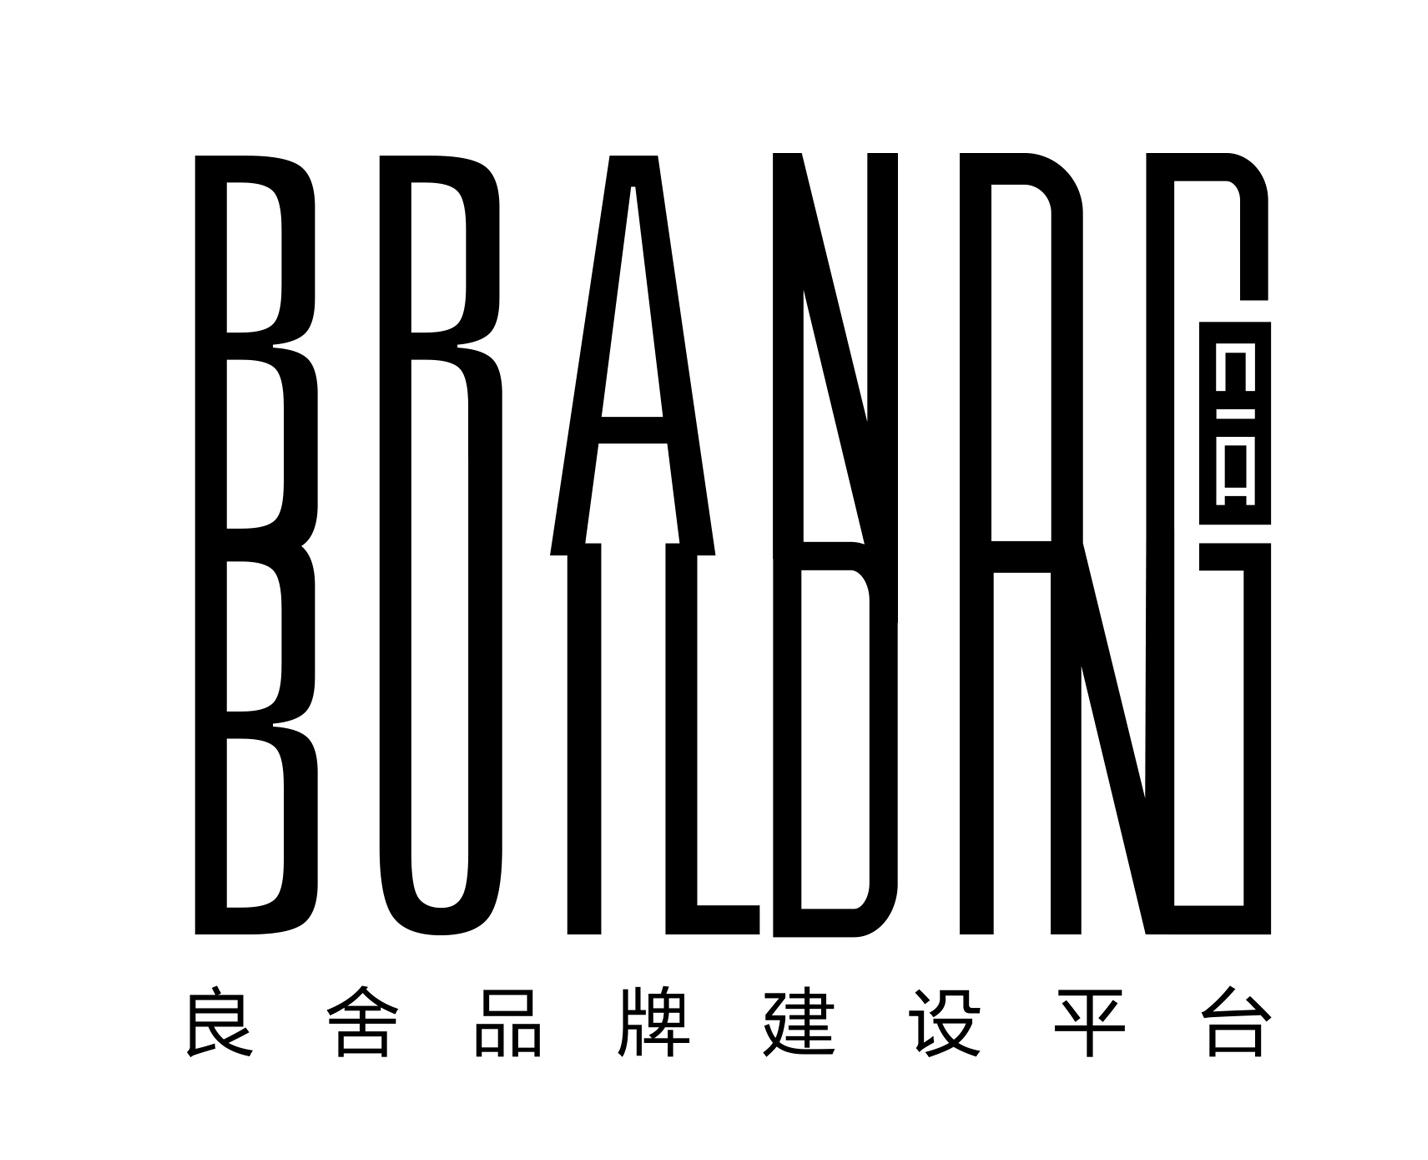 商业餐饮品牌策划设计公司_专业建筑项目合作设计-山东良舍装饰设计有限公司